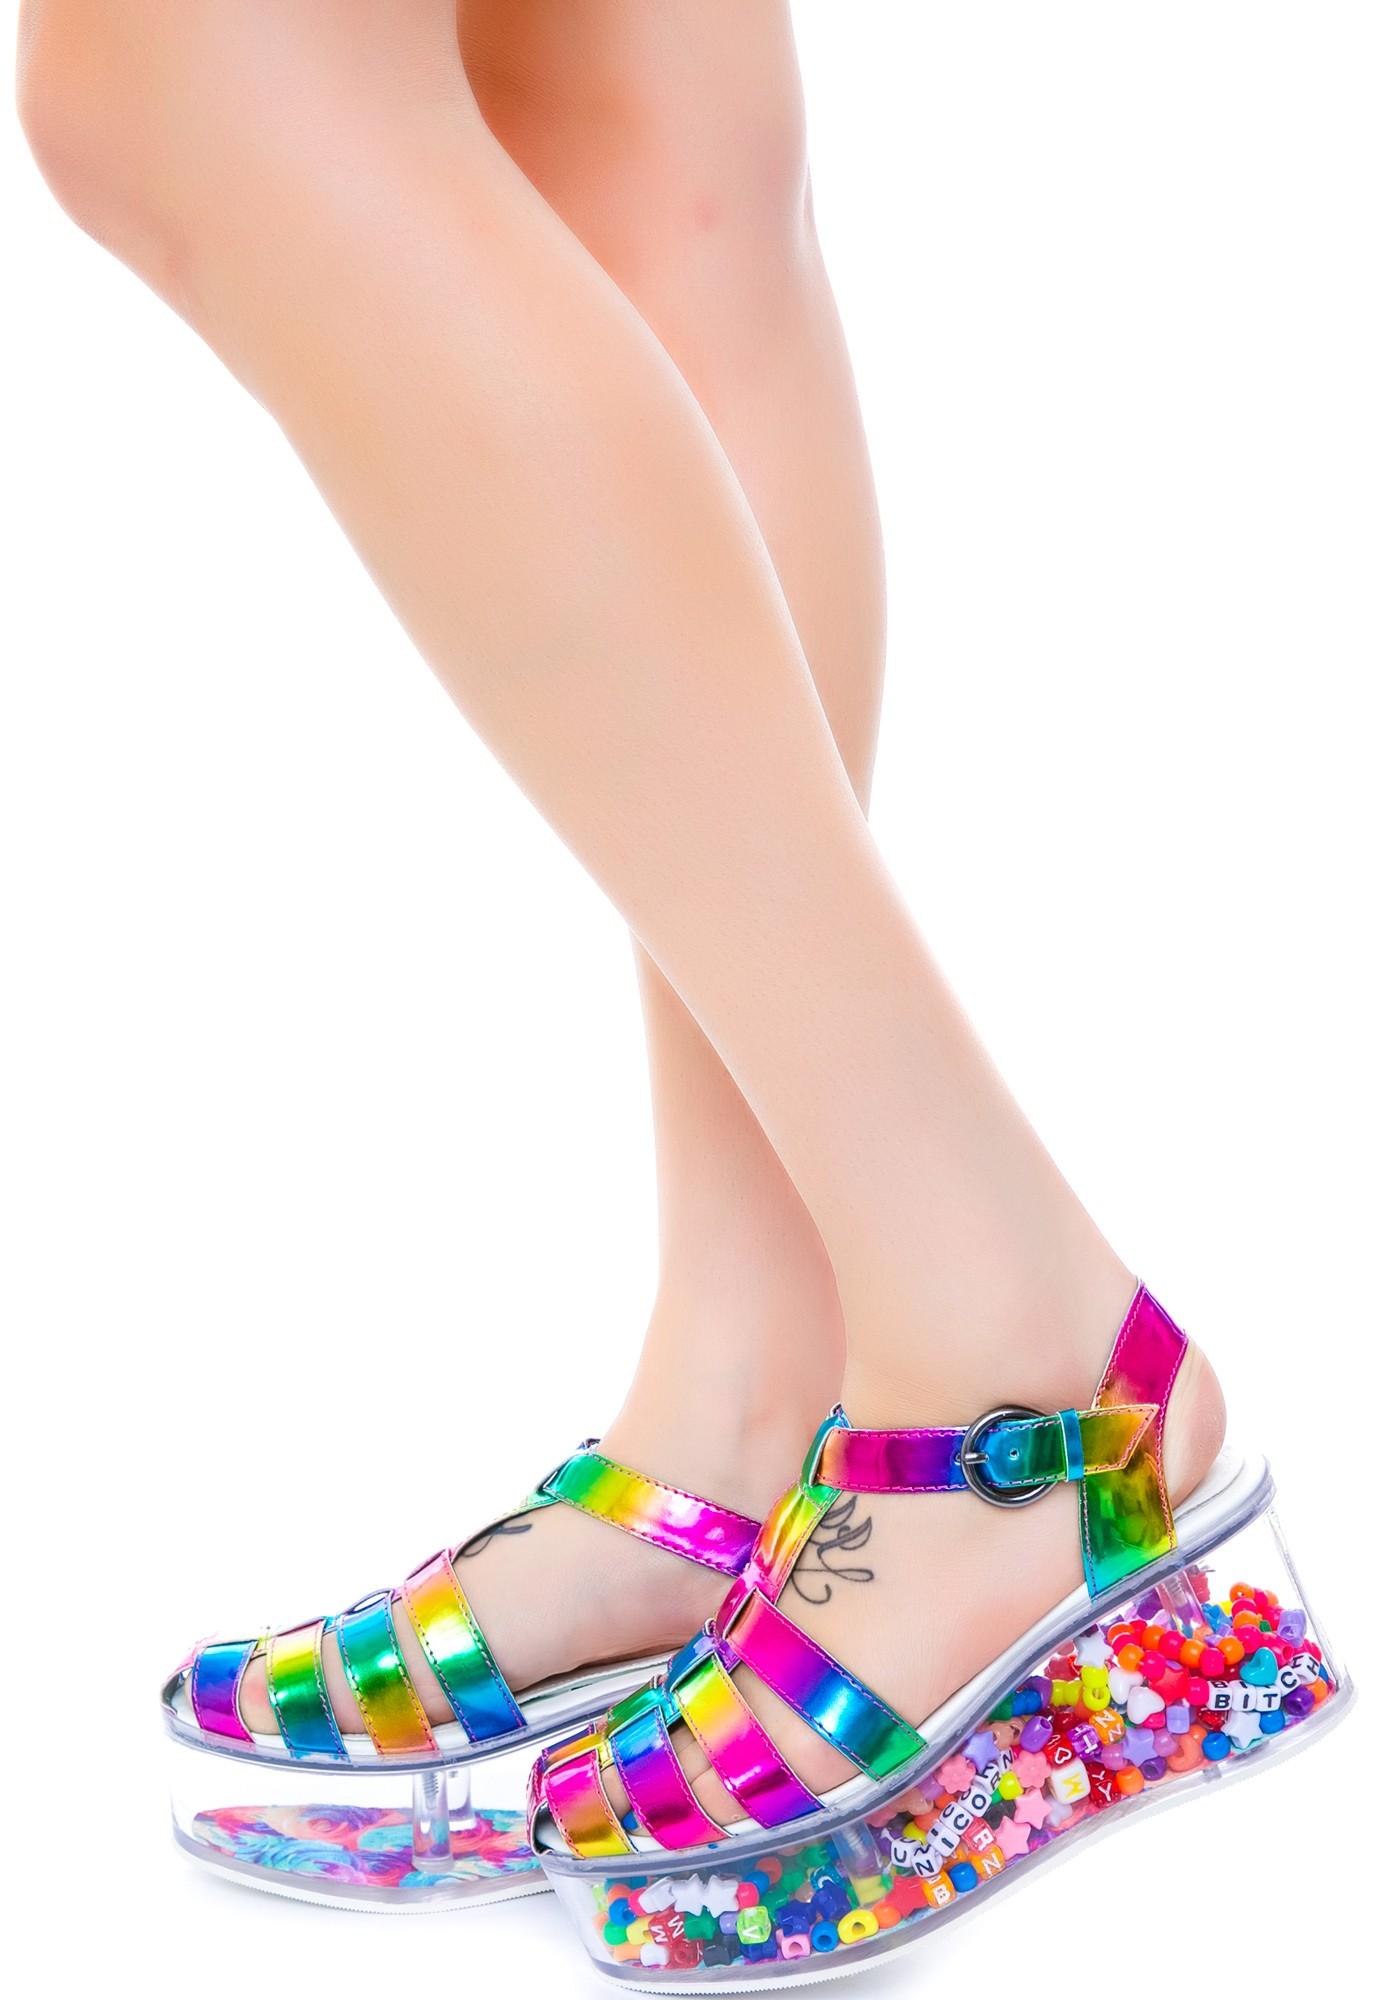 Y.r.u. rainbow cherii